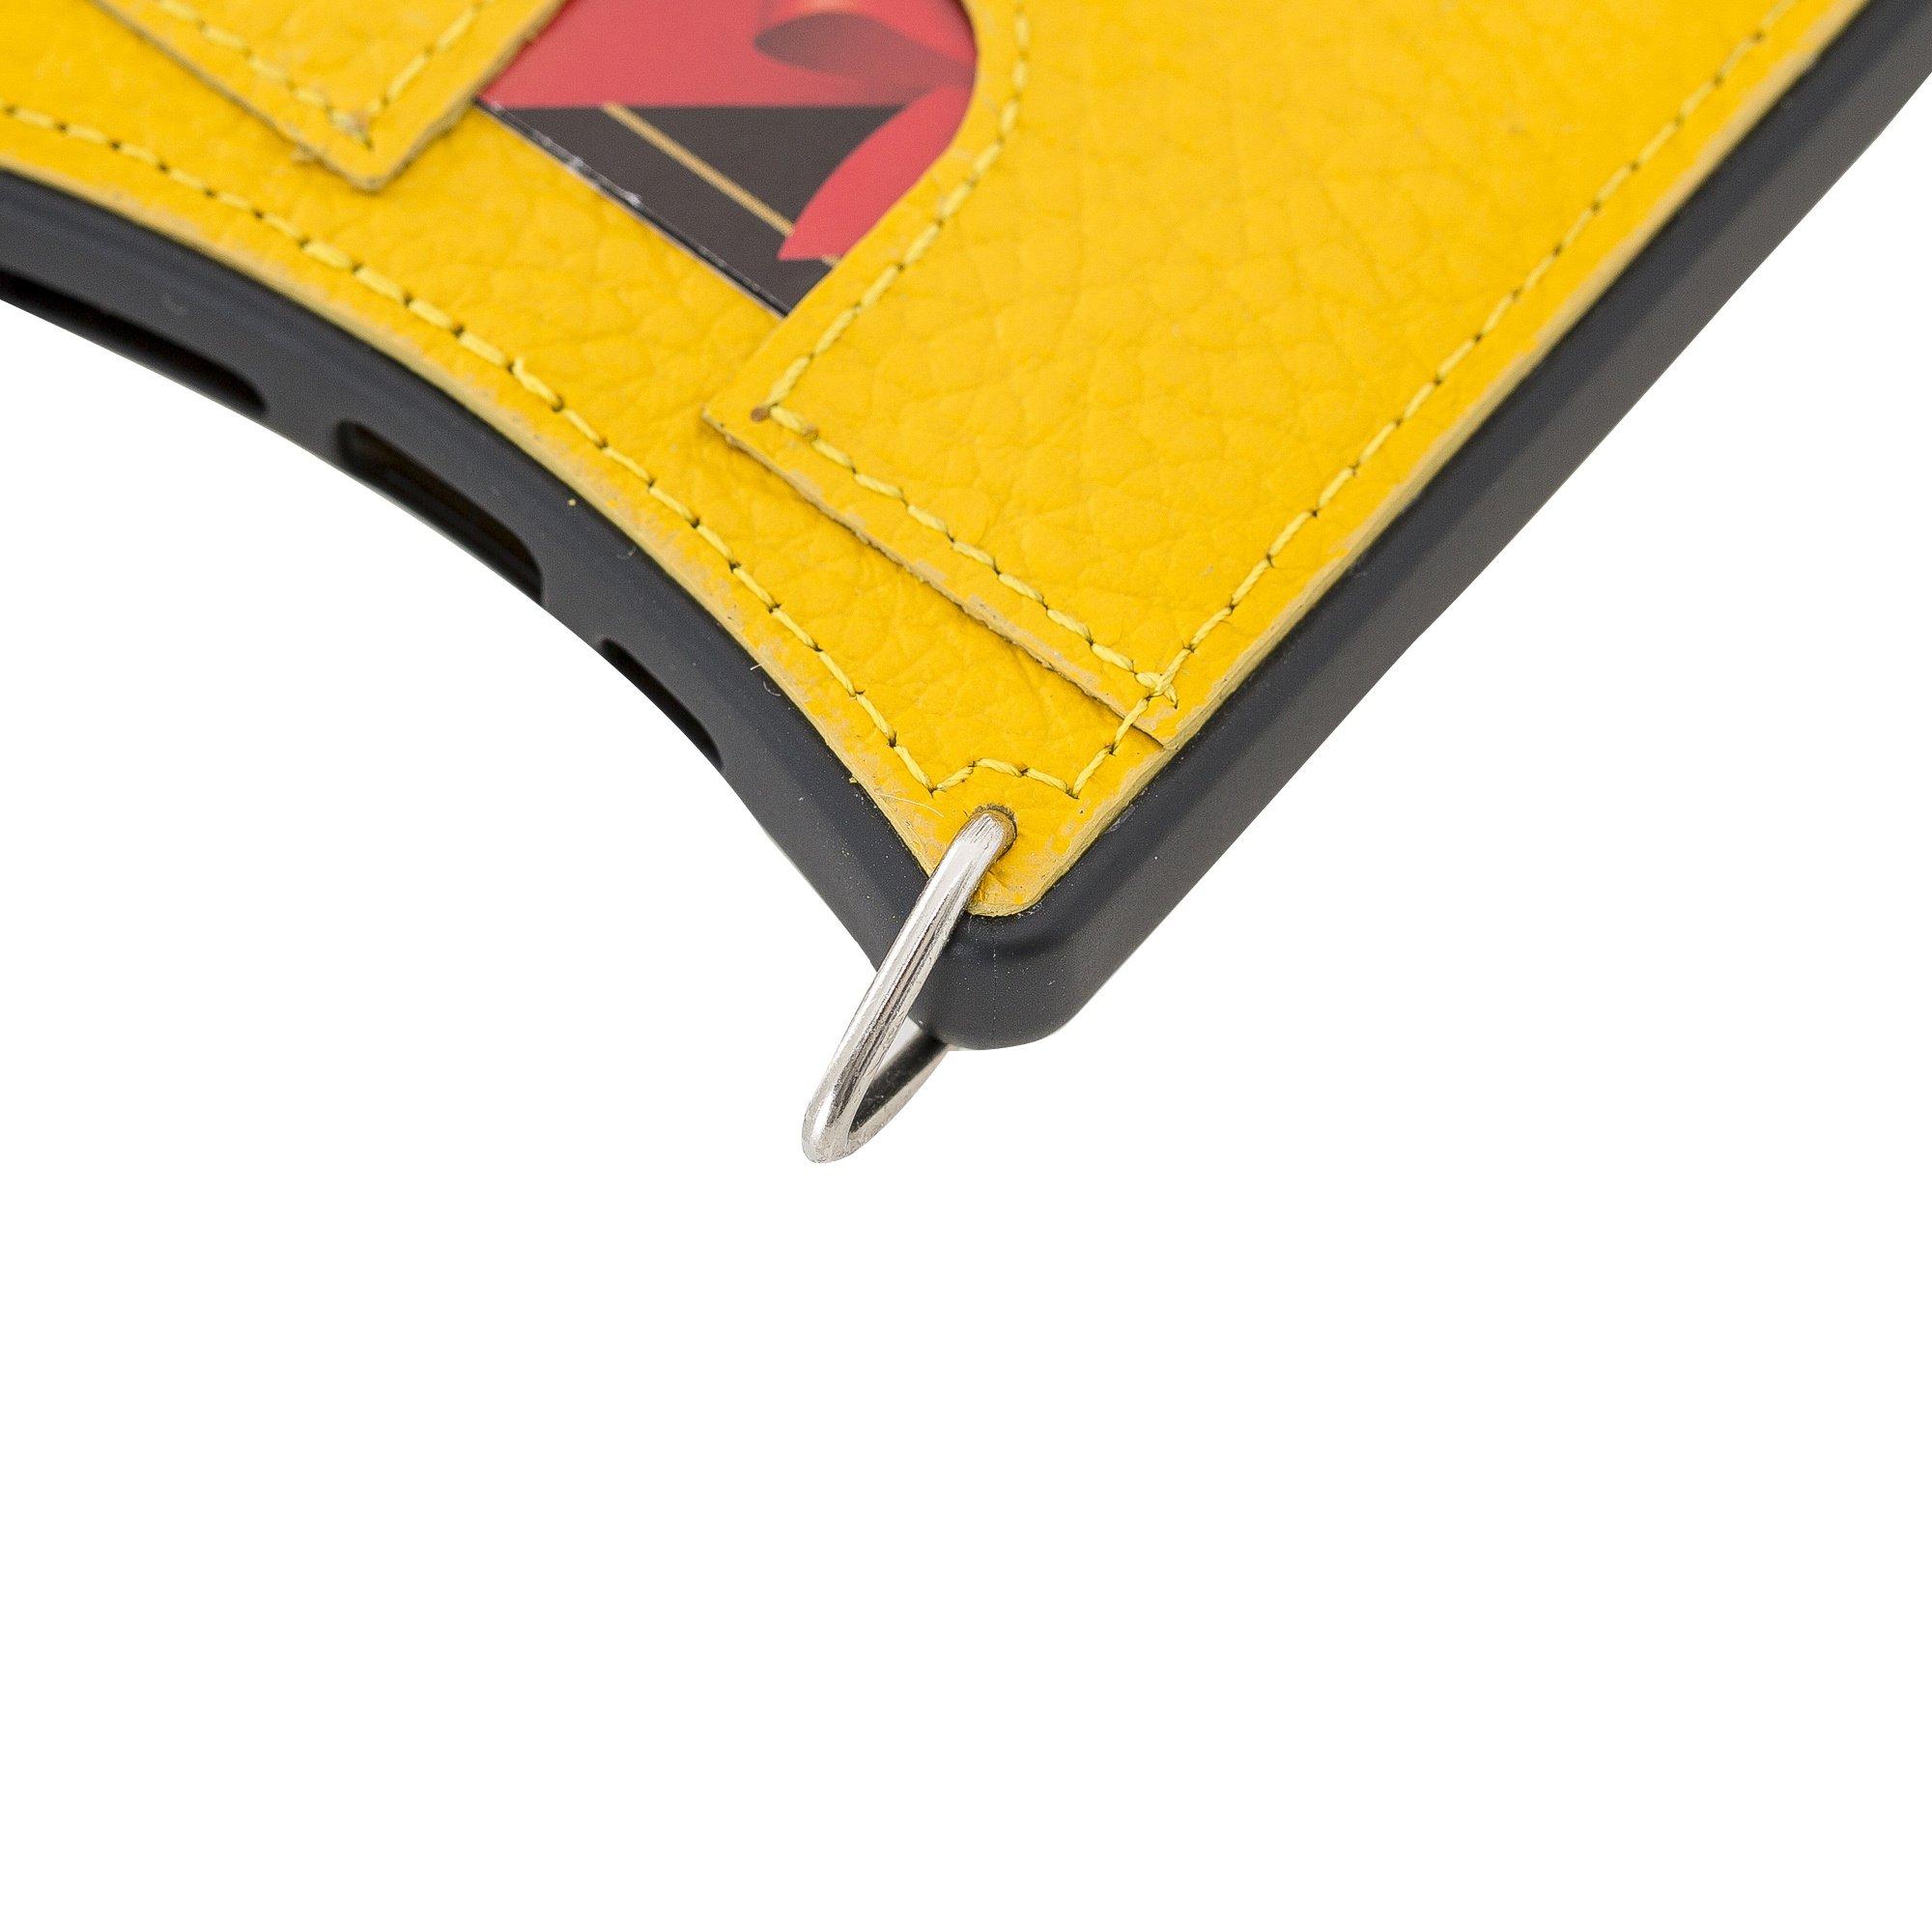 """Lederhülle """"Necklace"""" für das iPhone 11 Pro in 5.8 Zoll in Sonnengelb (inkl.Umhängeriemen)"""